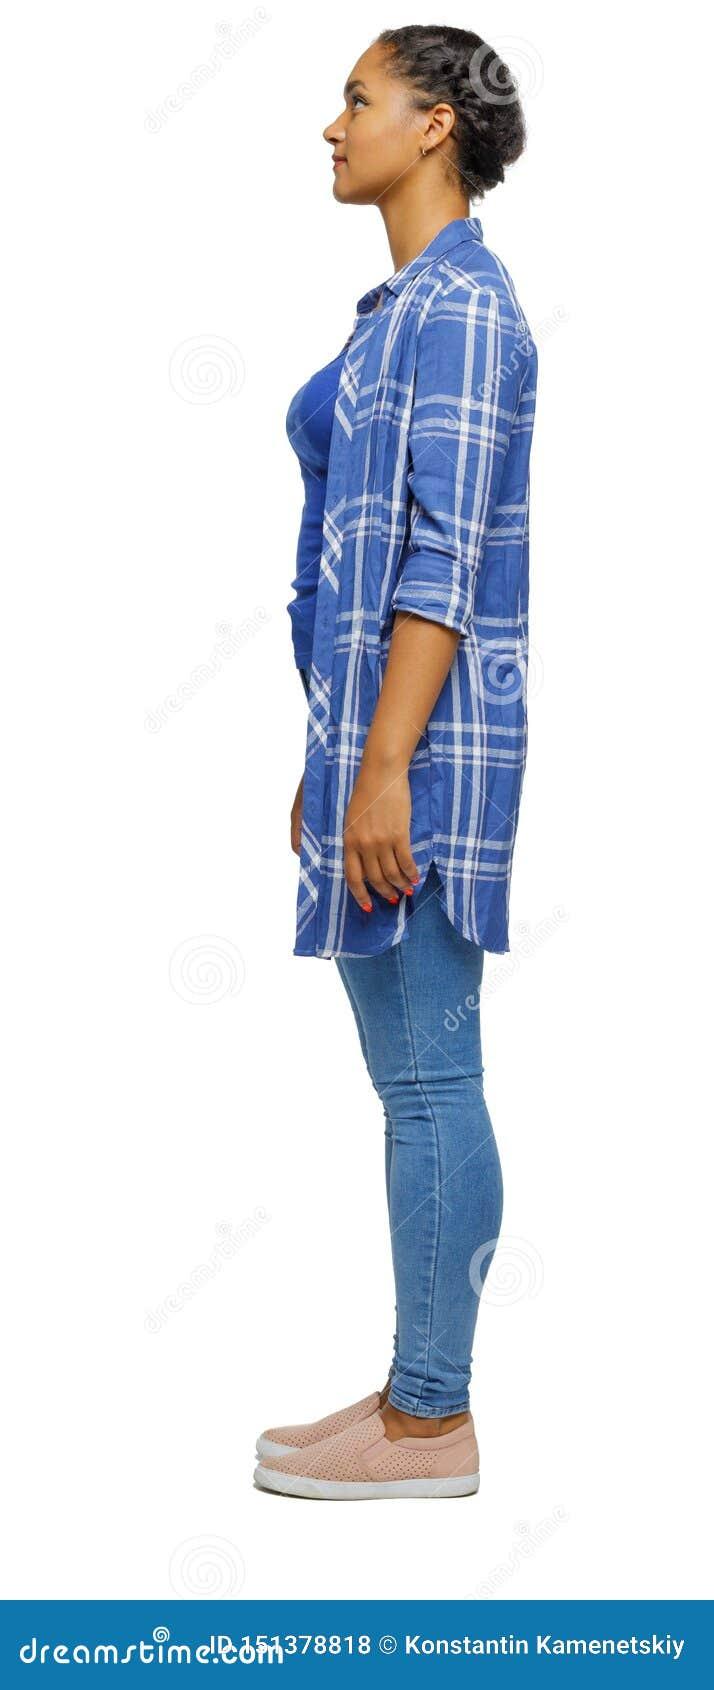 Boczny widok afroameryka?ska kobieta w koszula